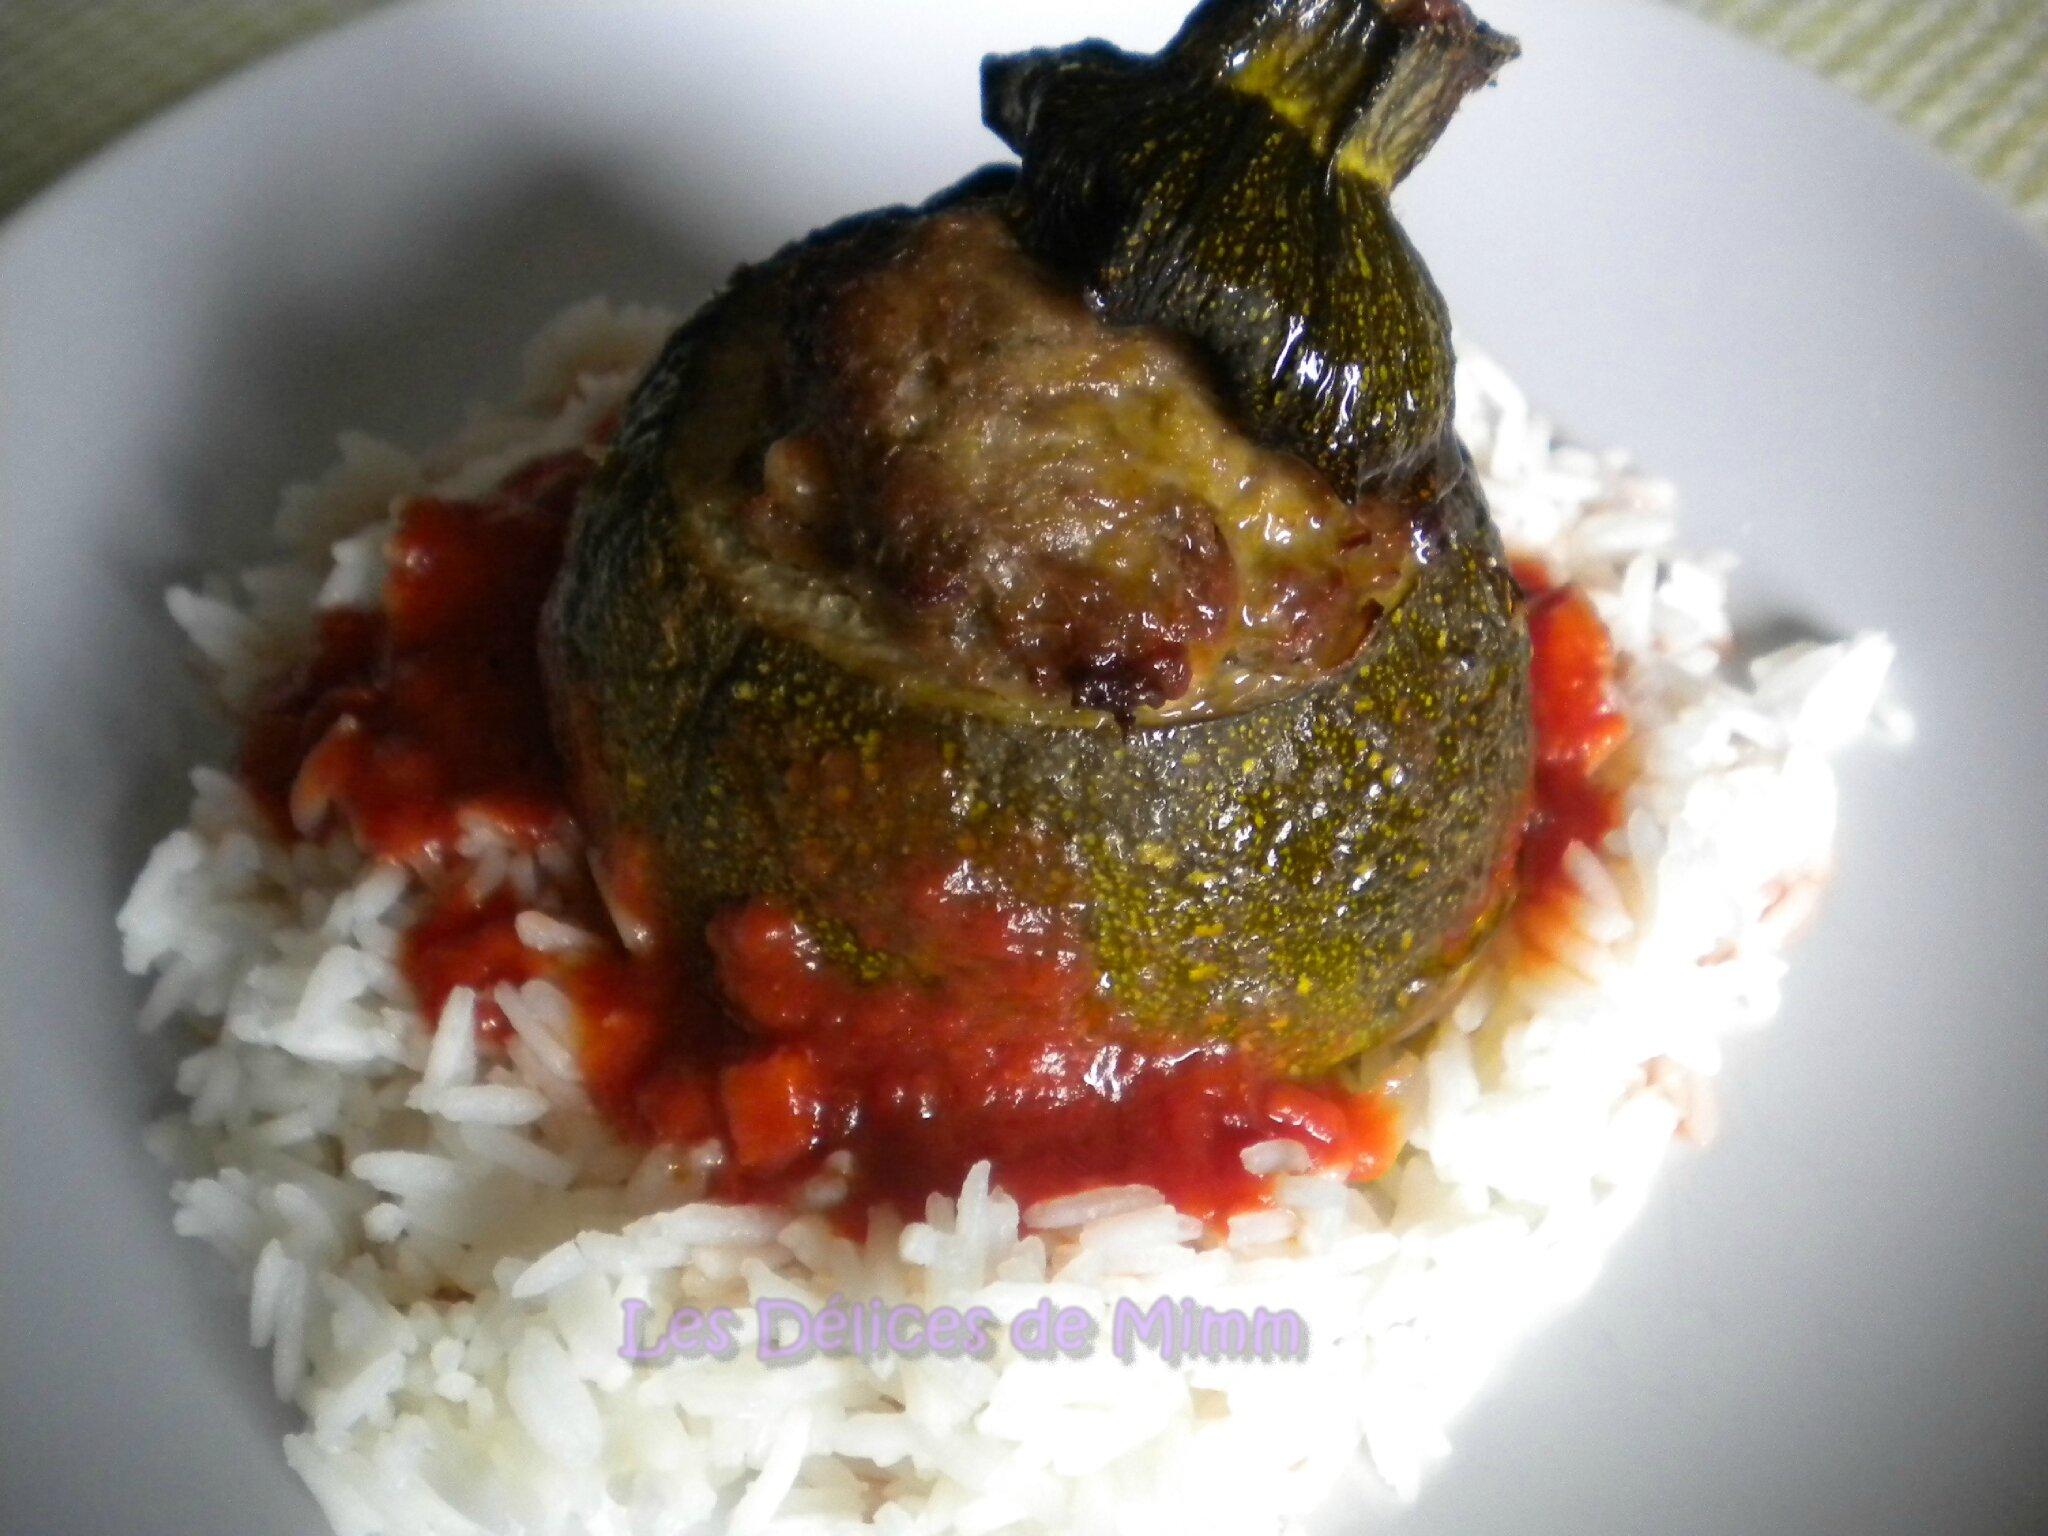 Courgettes rondes farcies la grecque viande feta les d lices de mimm - Cuisiner des courgettes rondes ...